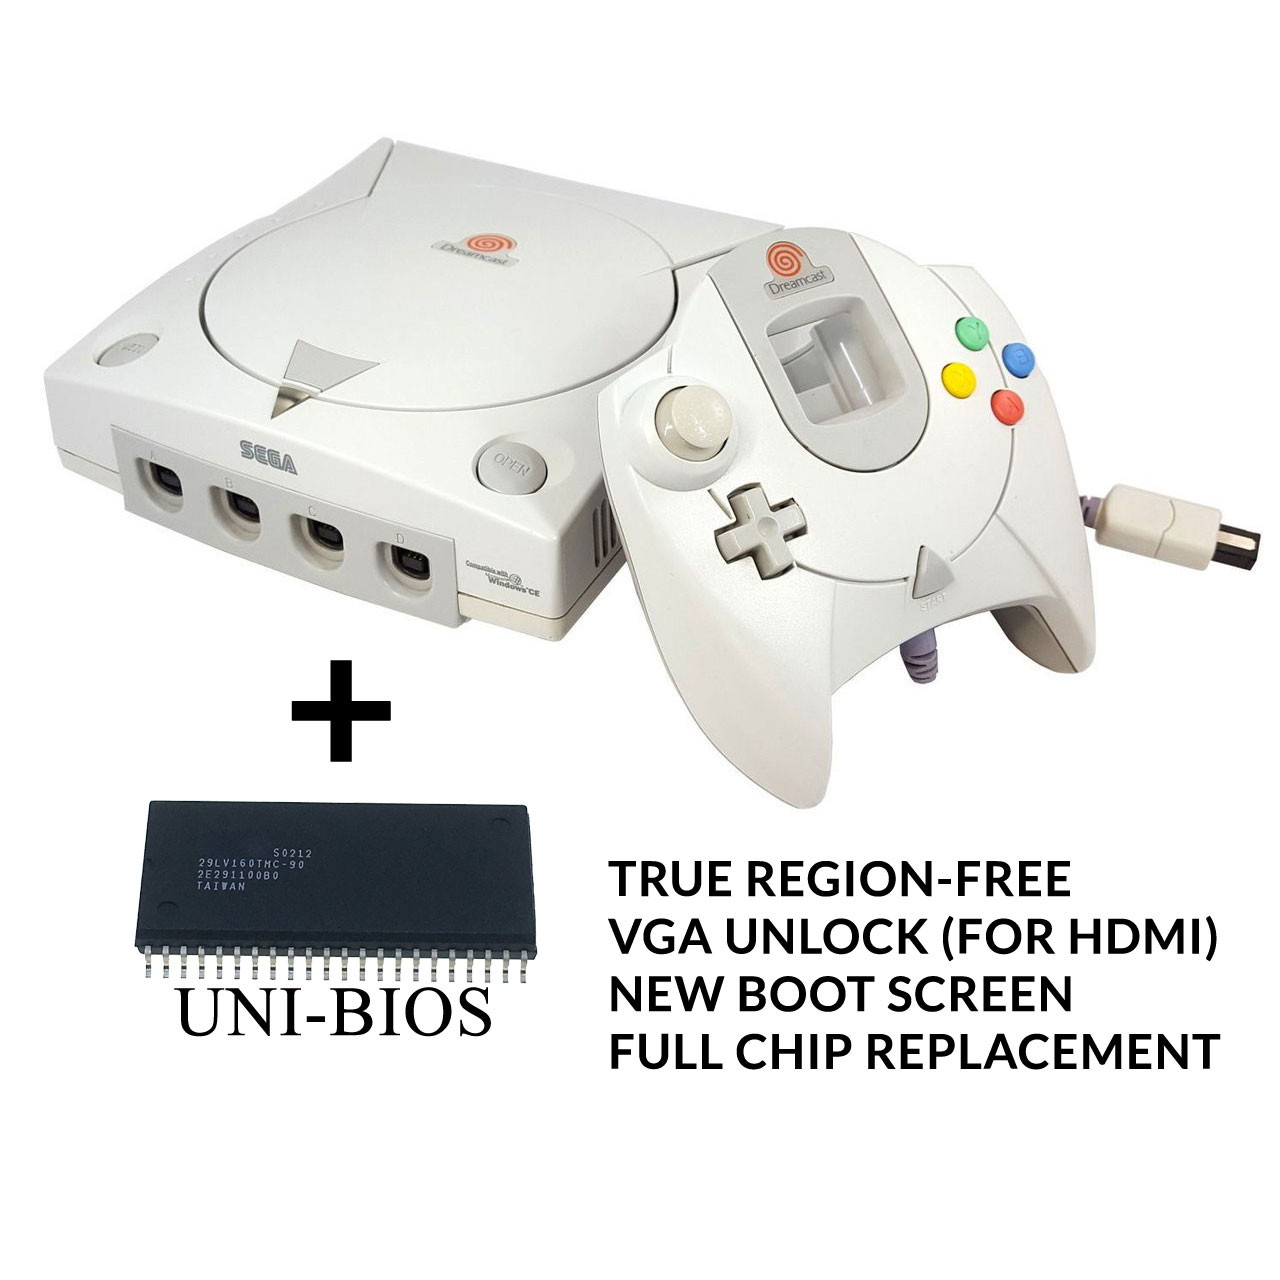 Sega Dreamcast System w/ UniBios [REGION FREE]